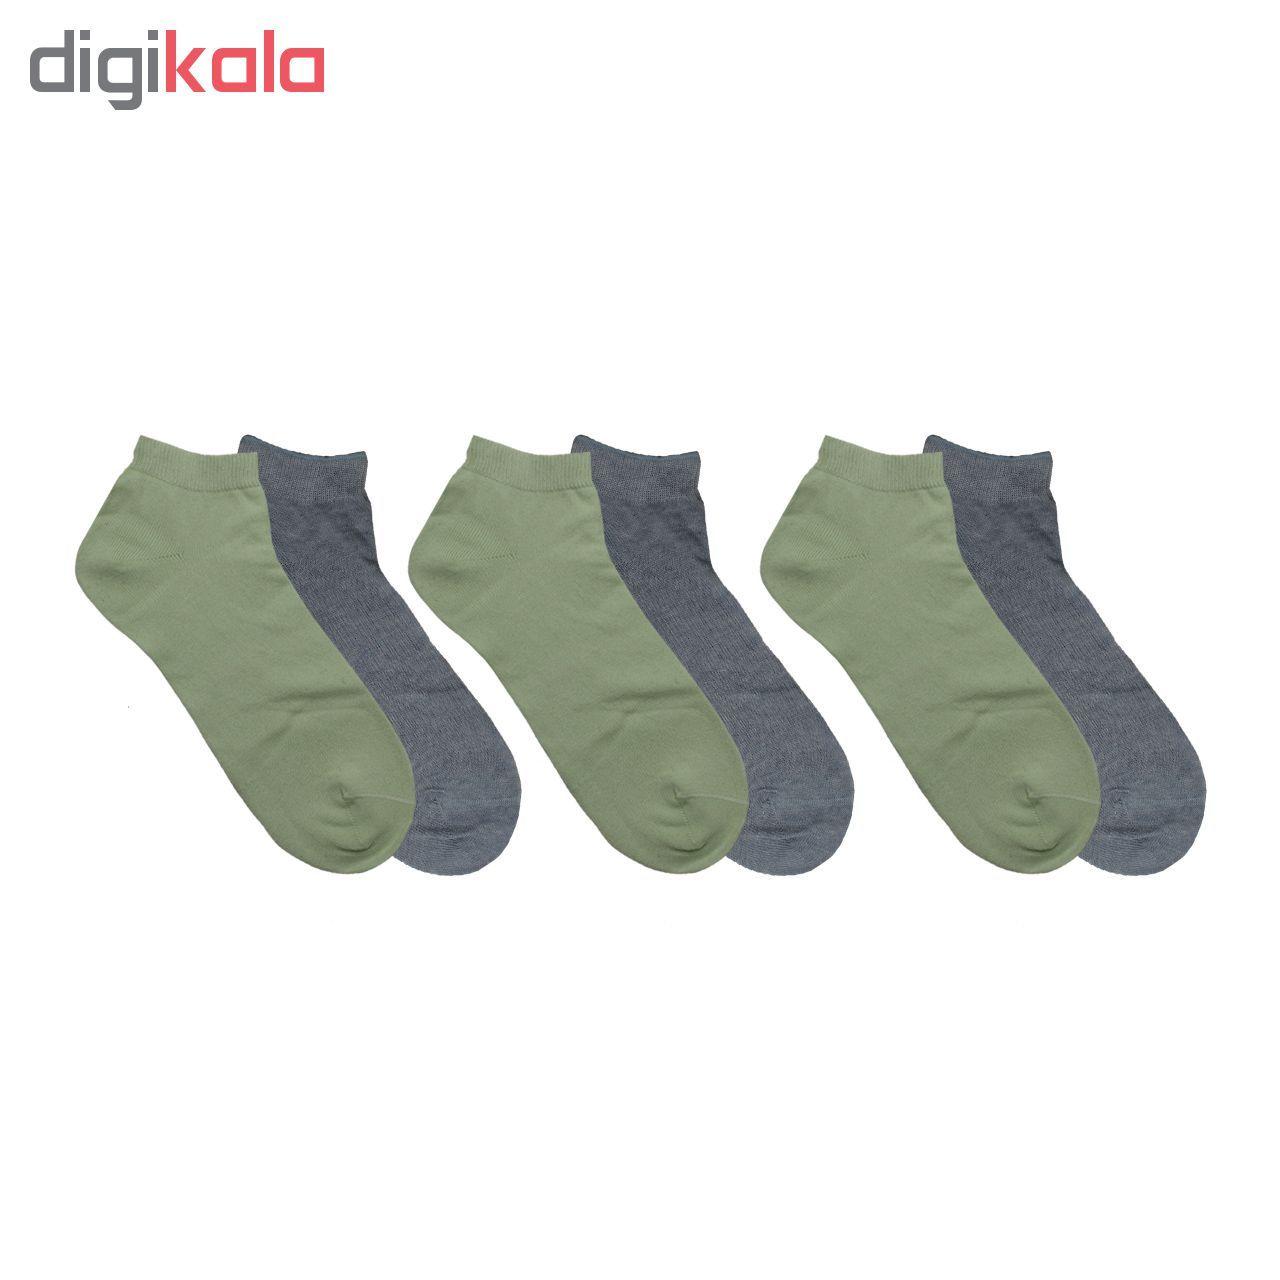 جوراب مردانه نوردای آلمانی آبی سبز کد 394413/1 بسته 4 عددی main 1 2